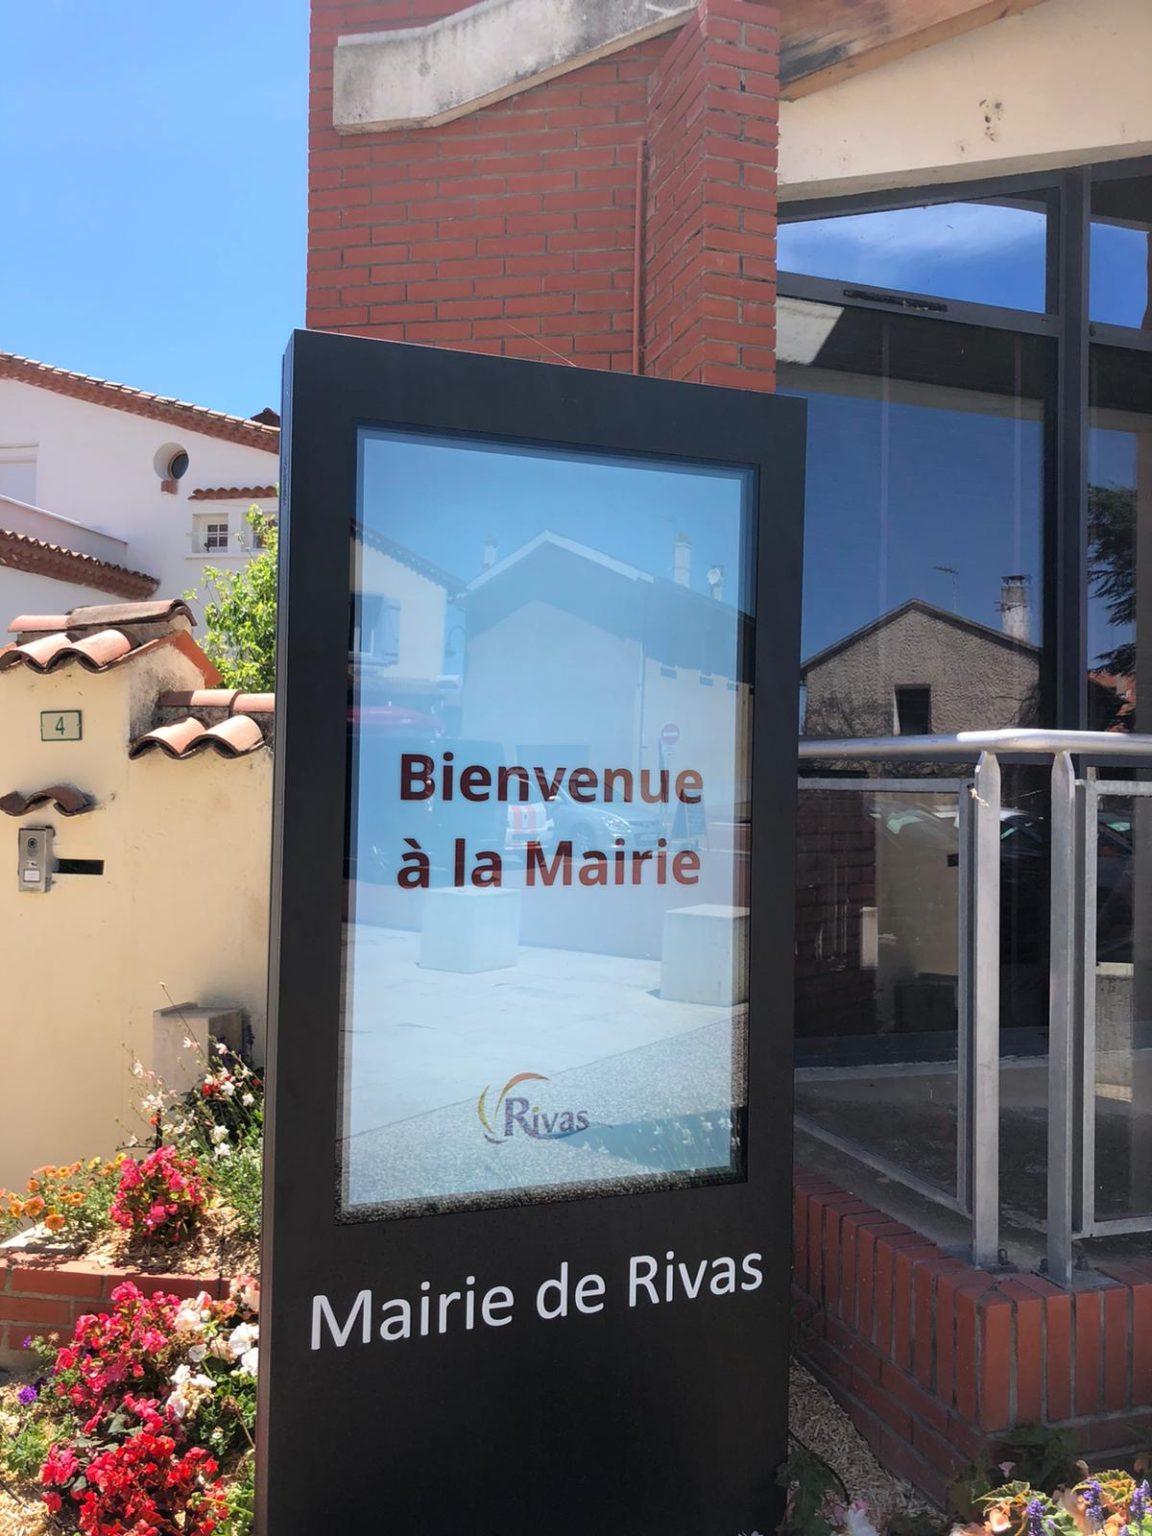 écran tactile pour affichage mairie